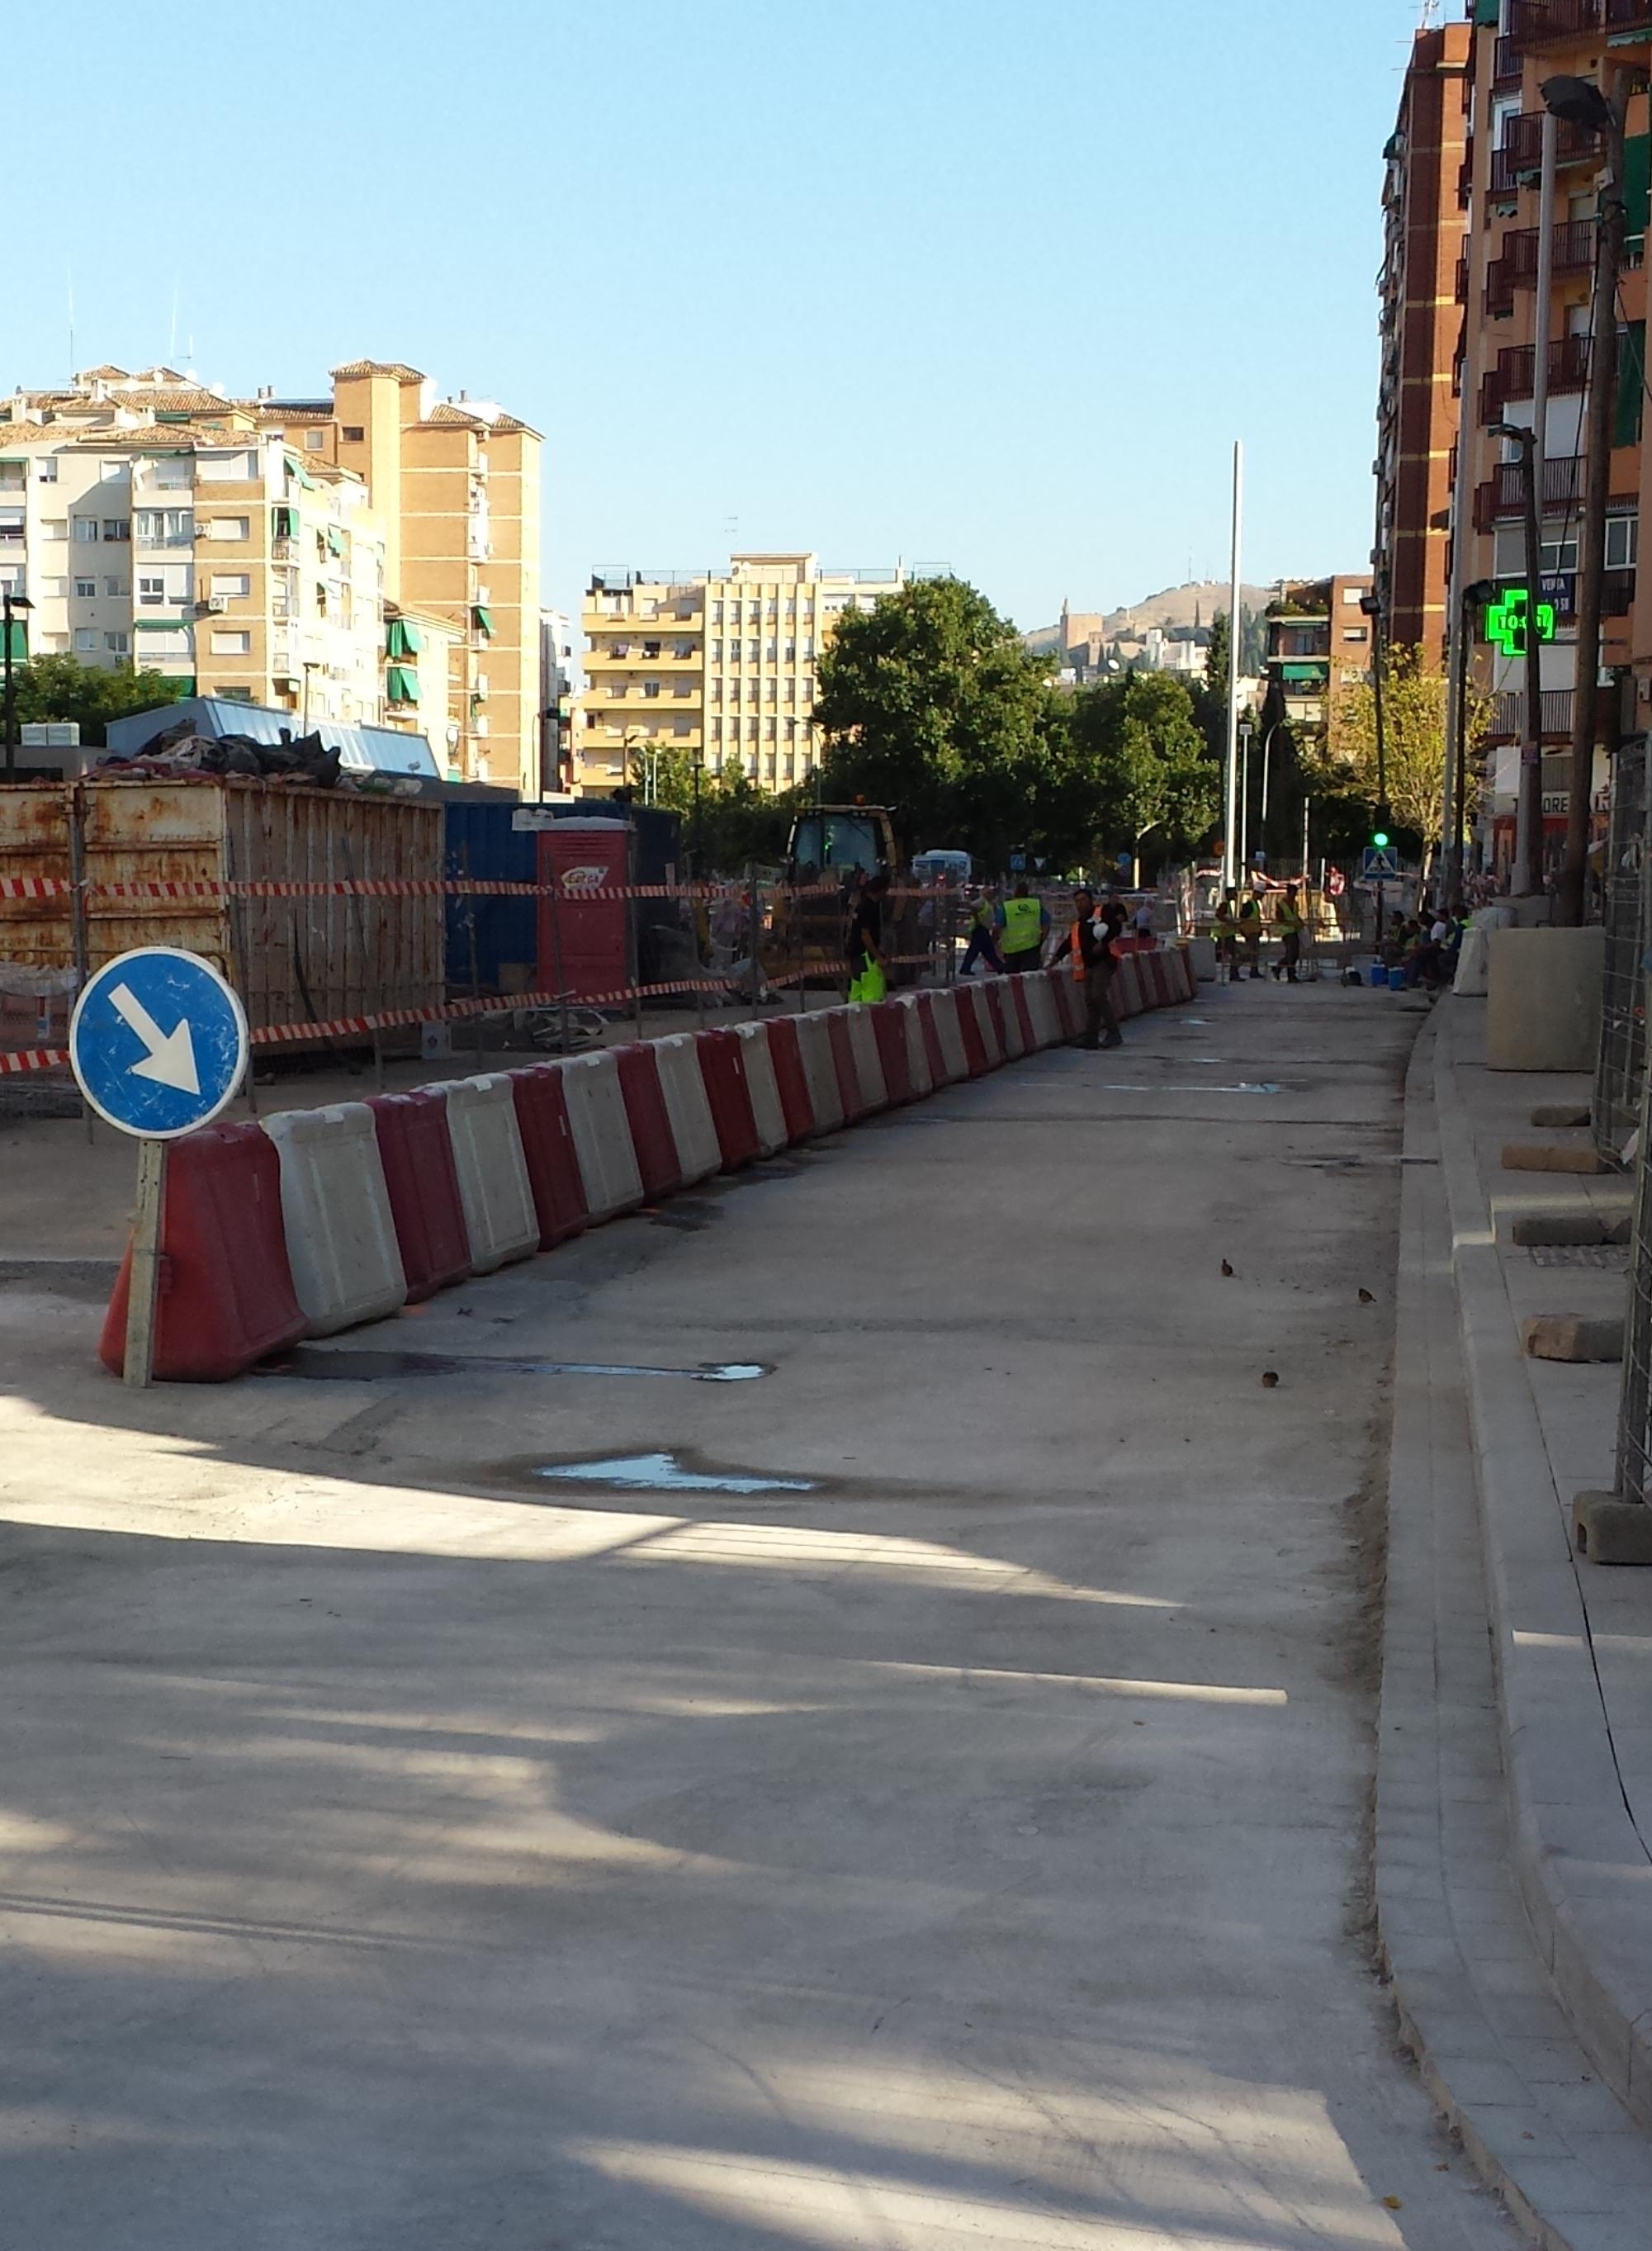 Las obras en Andrés Segovia se están desarrollando en distintas fases con la finalidad de garantizar el acceso rodado y minimizando la afección.